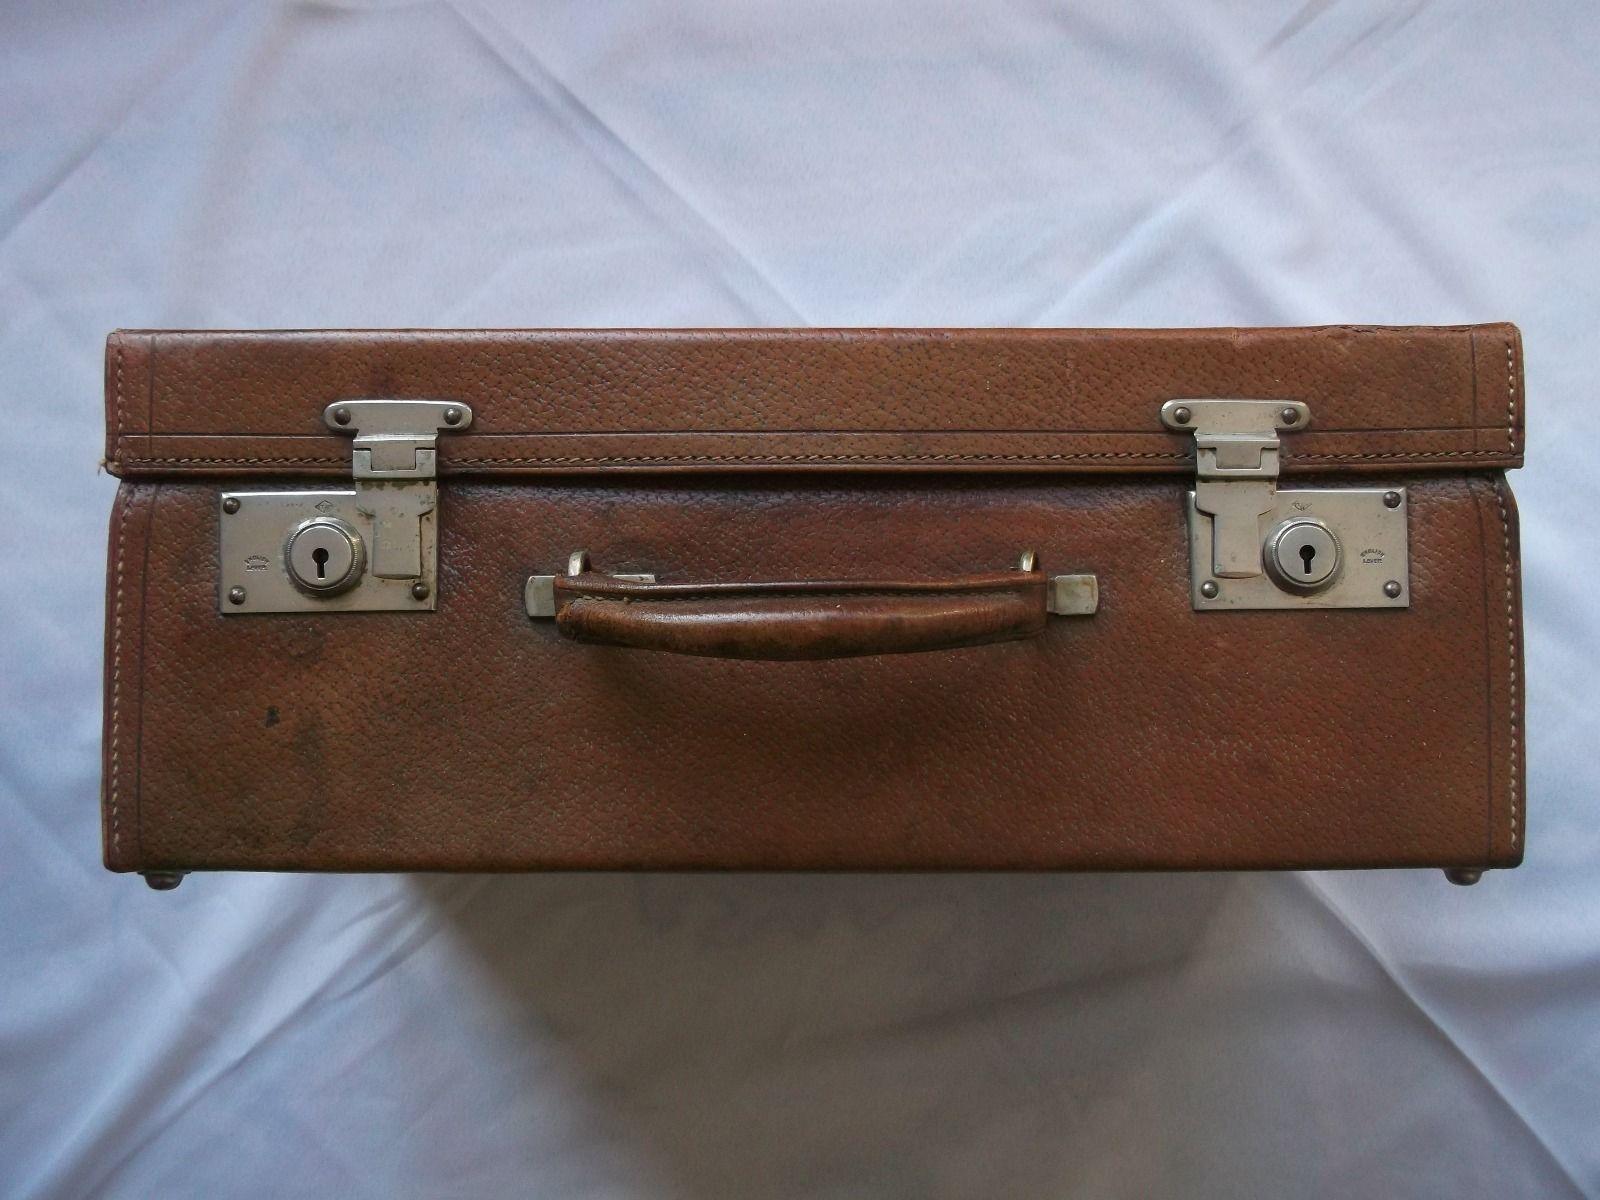 les 25 meilleures id es de la cat gorie valise de marque sur pinterest tiquette valise. Black Bedroom Furniture Sets. Home Design Ideas